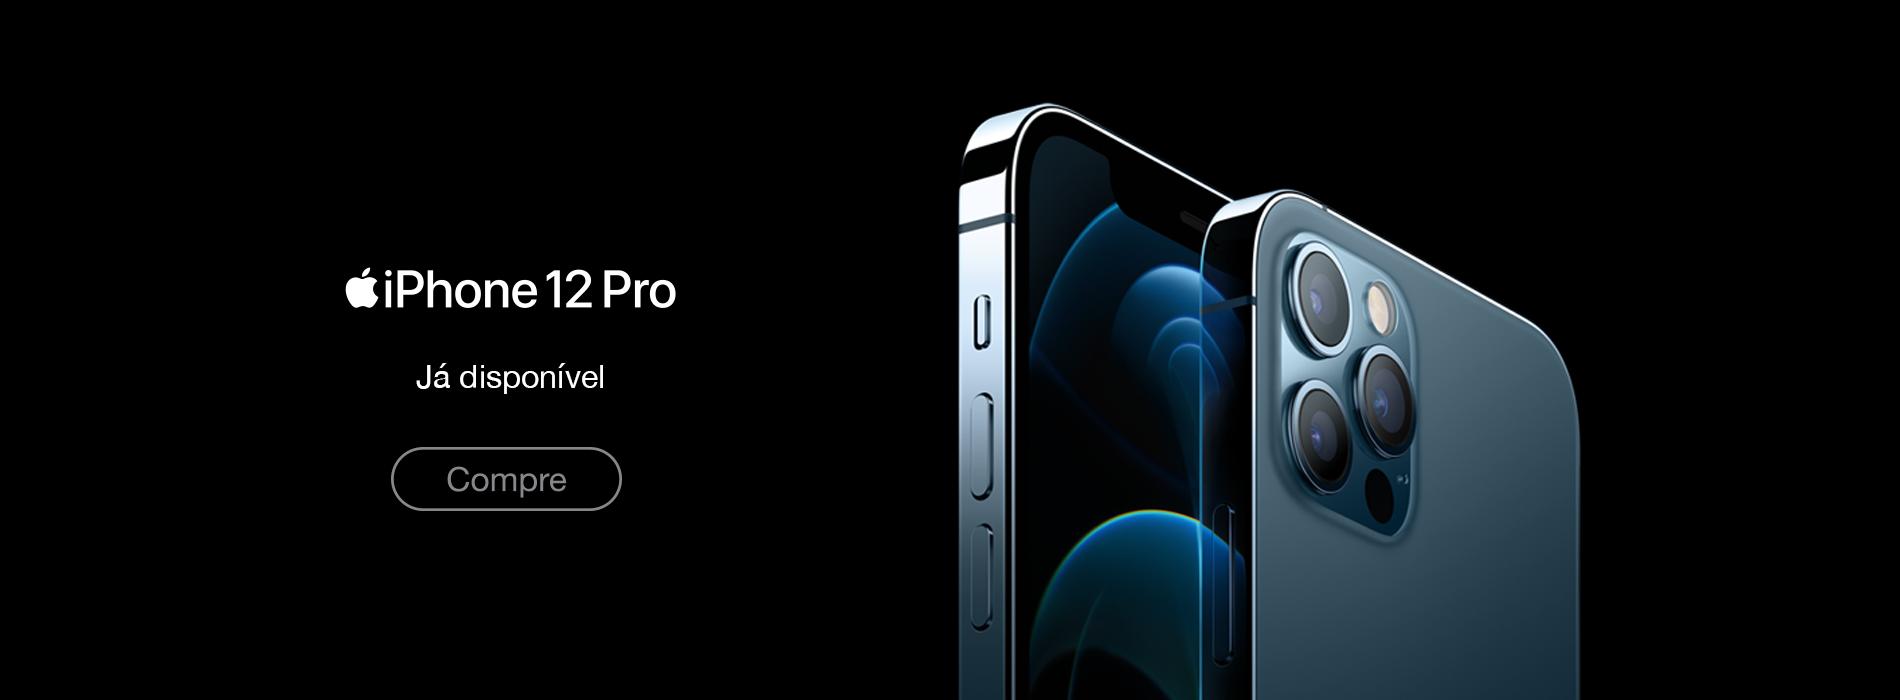 Categoria iPhone - iPhone 12 Pro - comprar